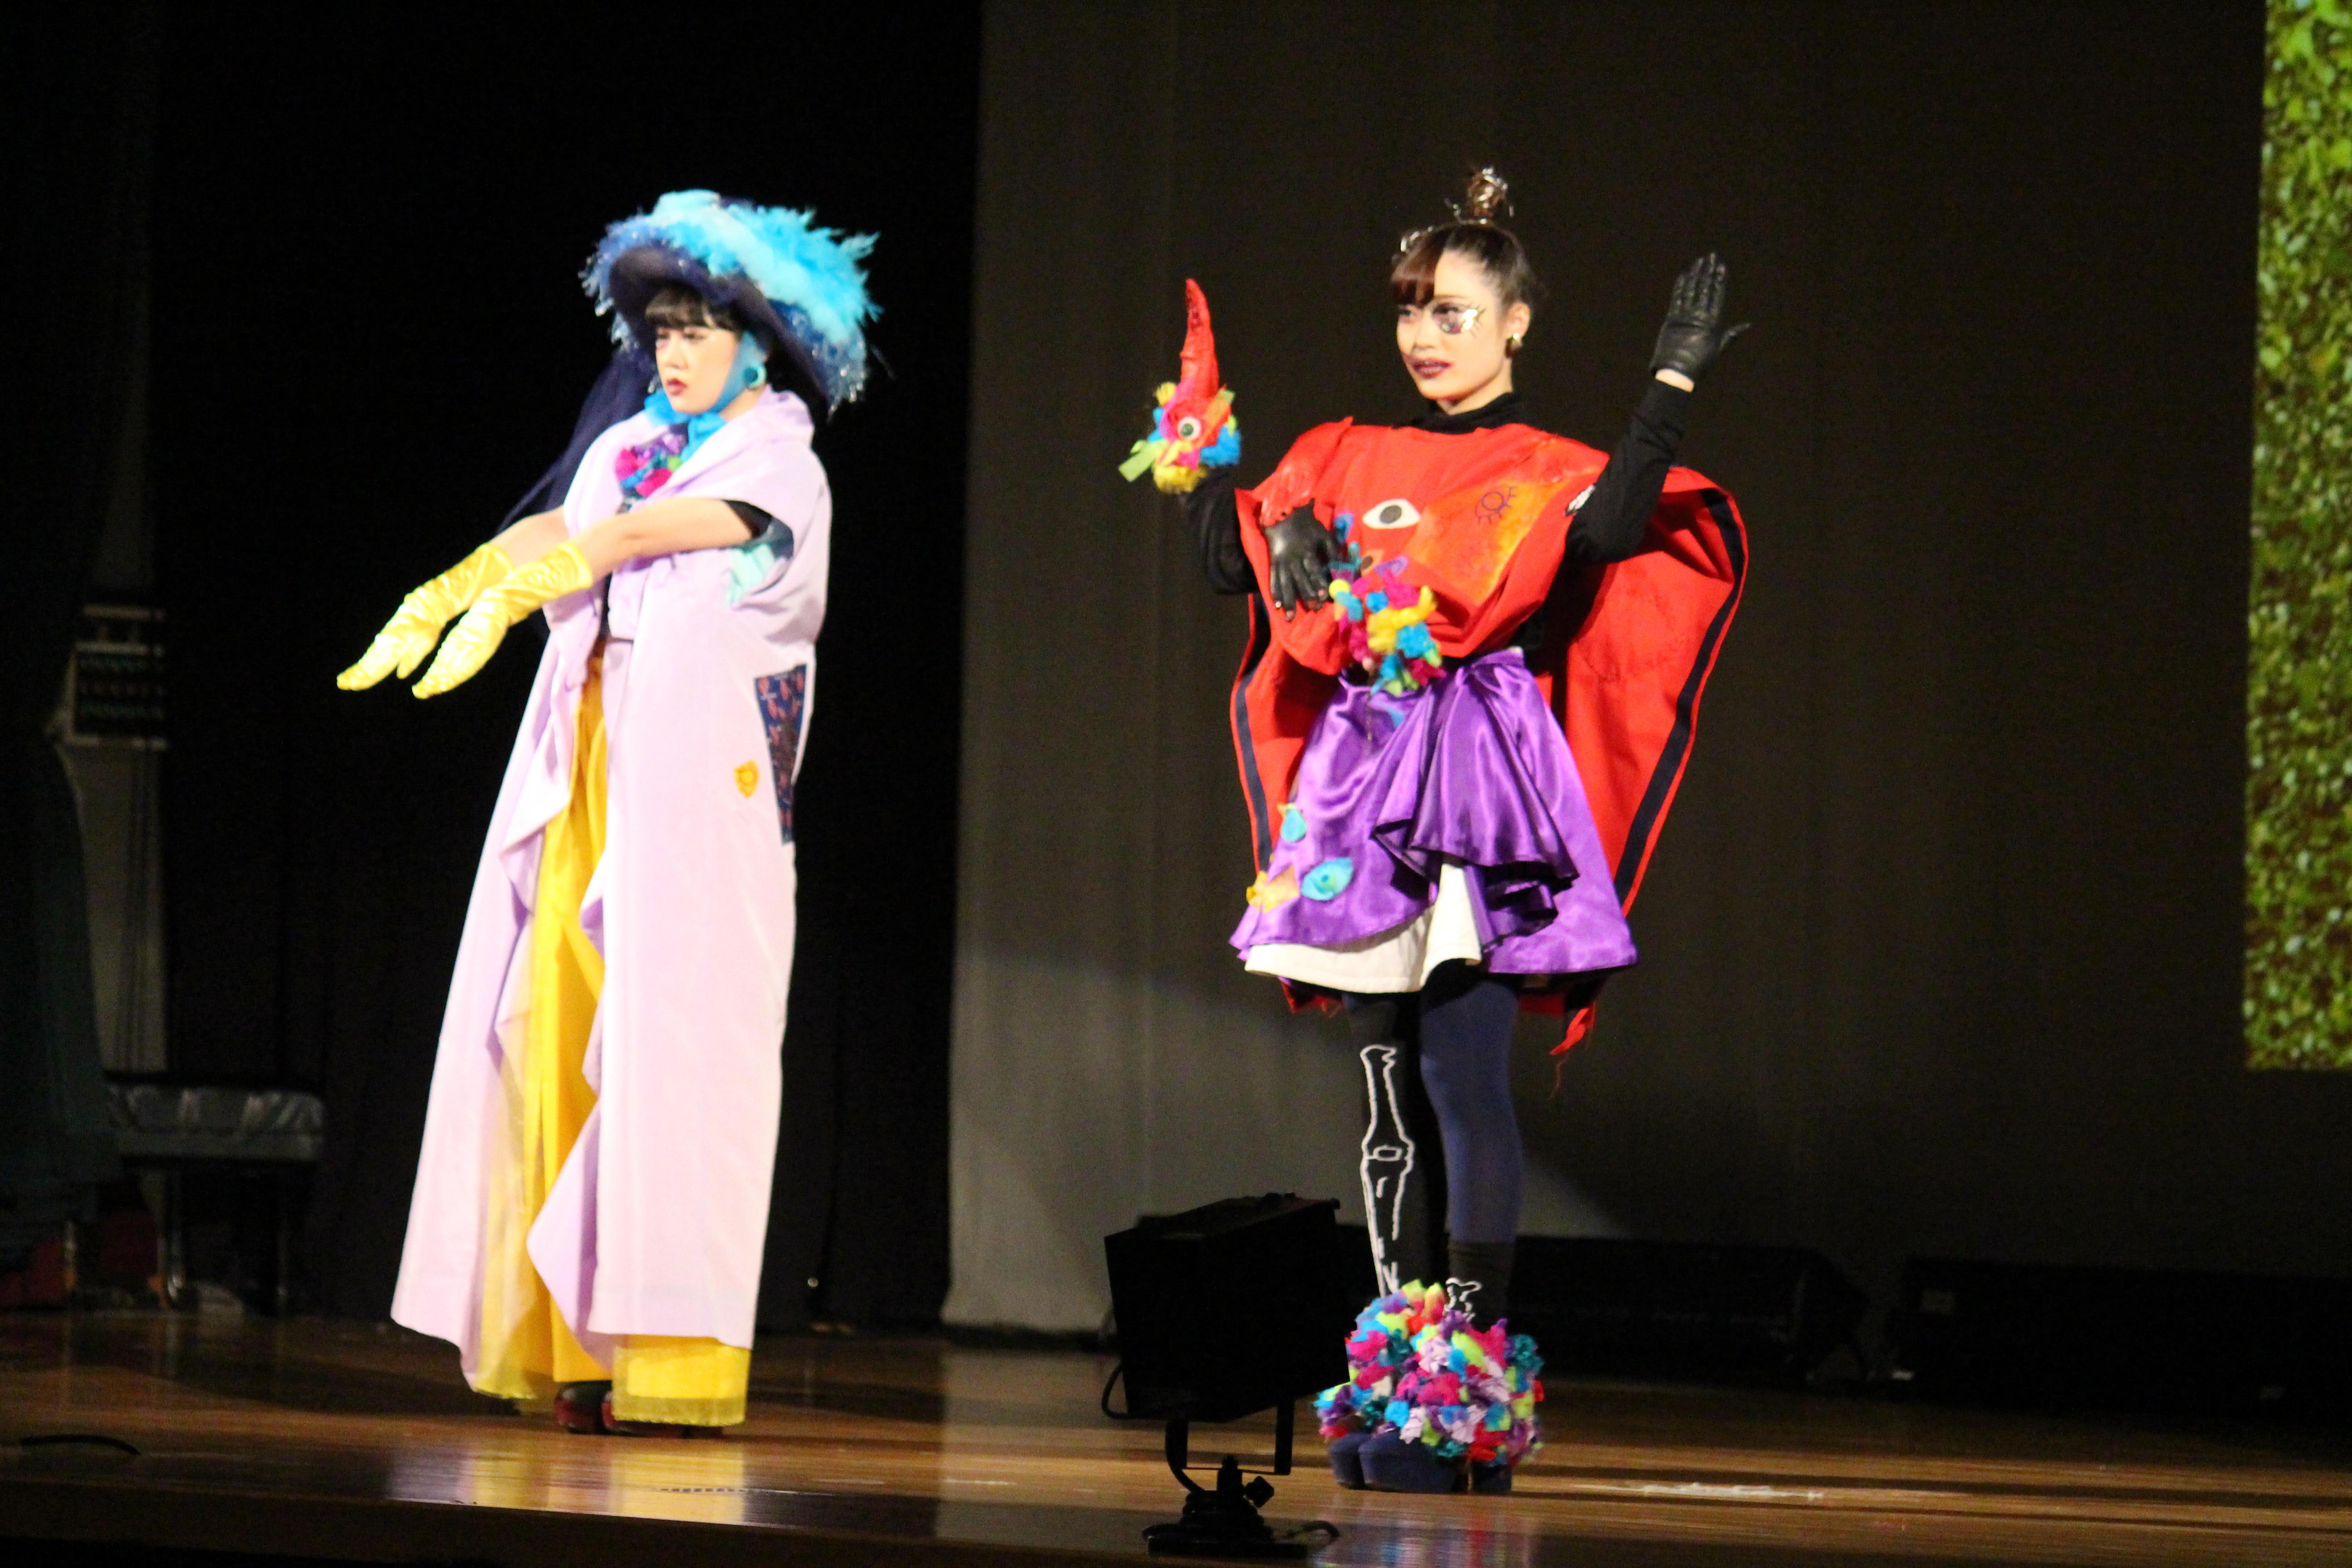 共立女子大学家政学部被服学科が「2018年度 卒業制作発表会」を開催 -- 4年間の集大成として取り組んだ卒業制作をファッションショーの形式で披露 --